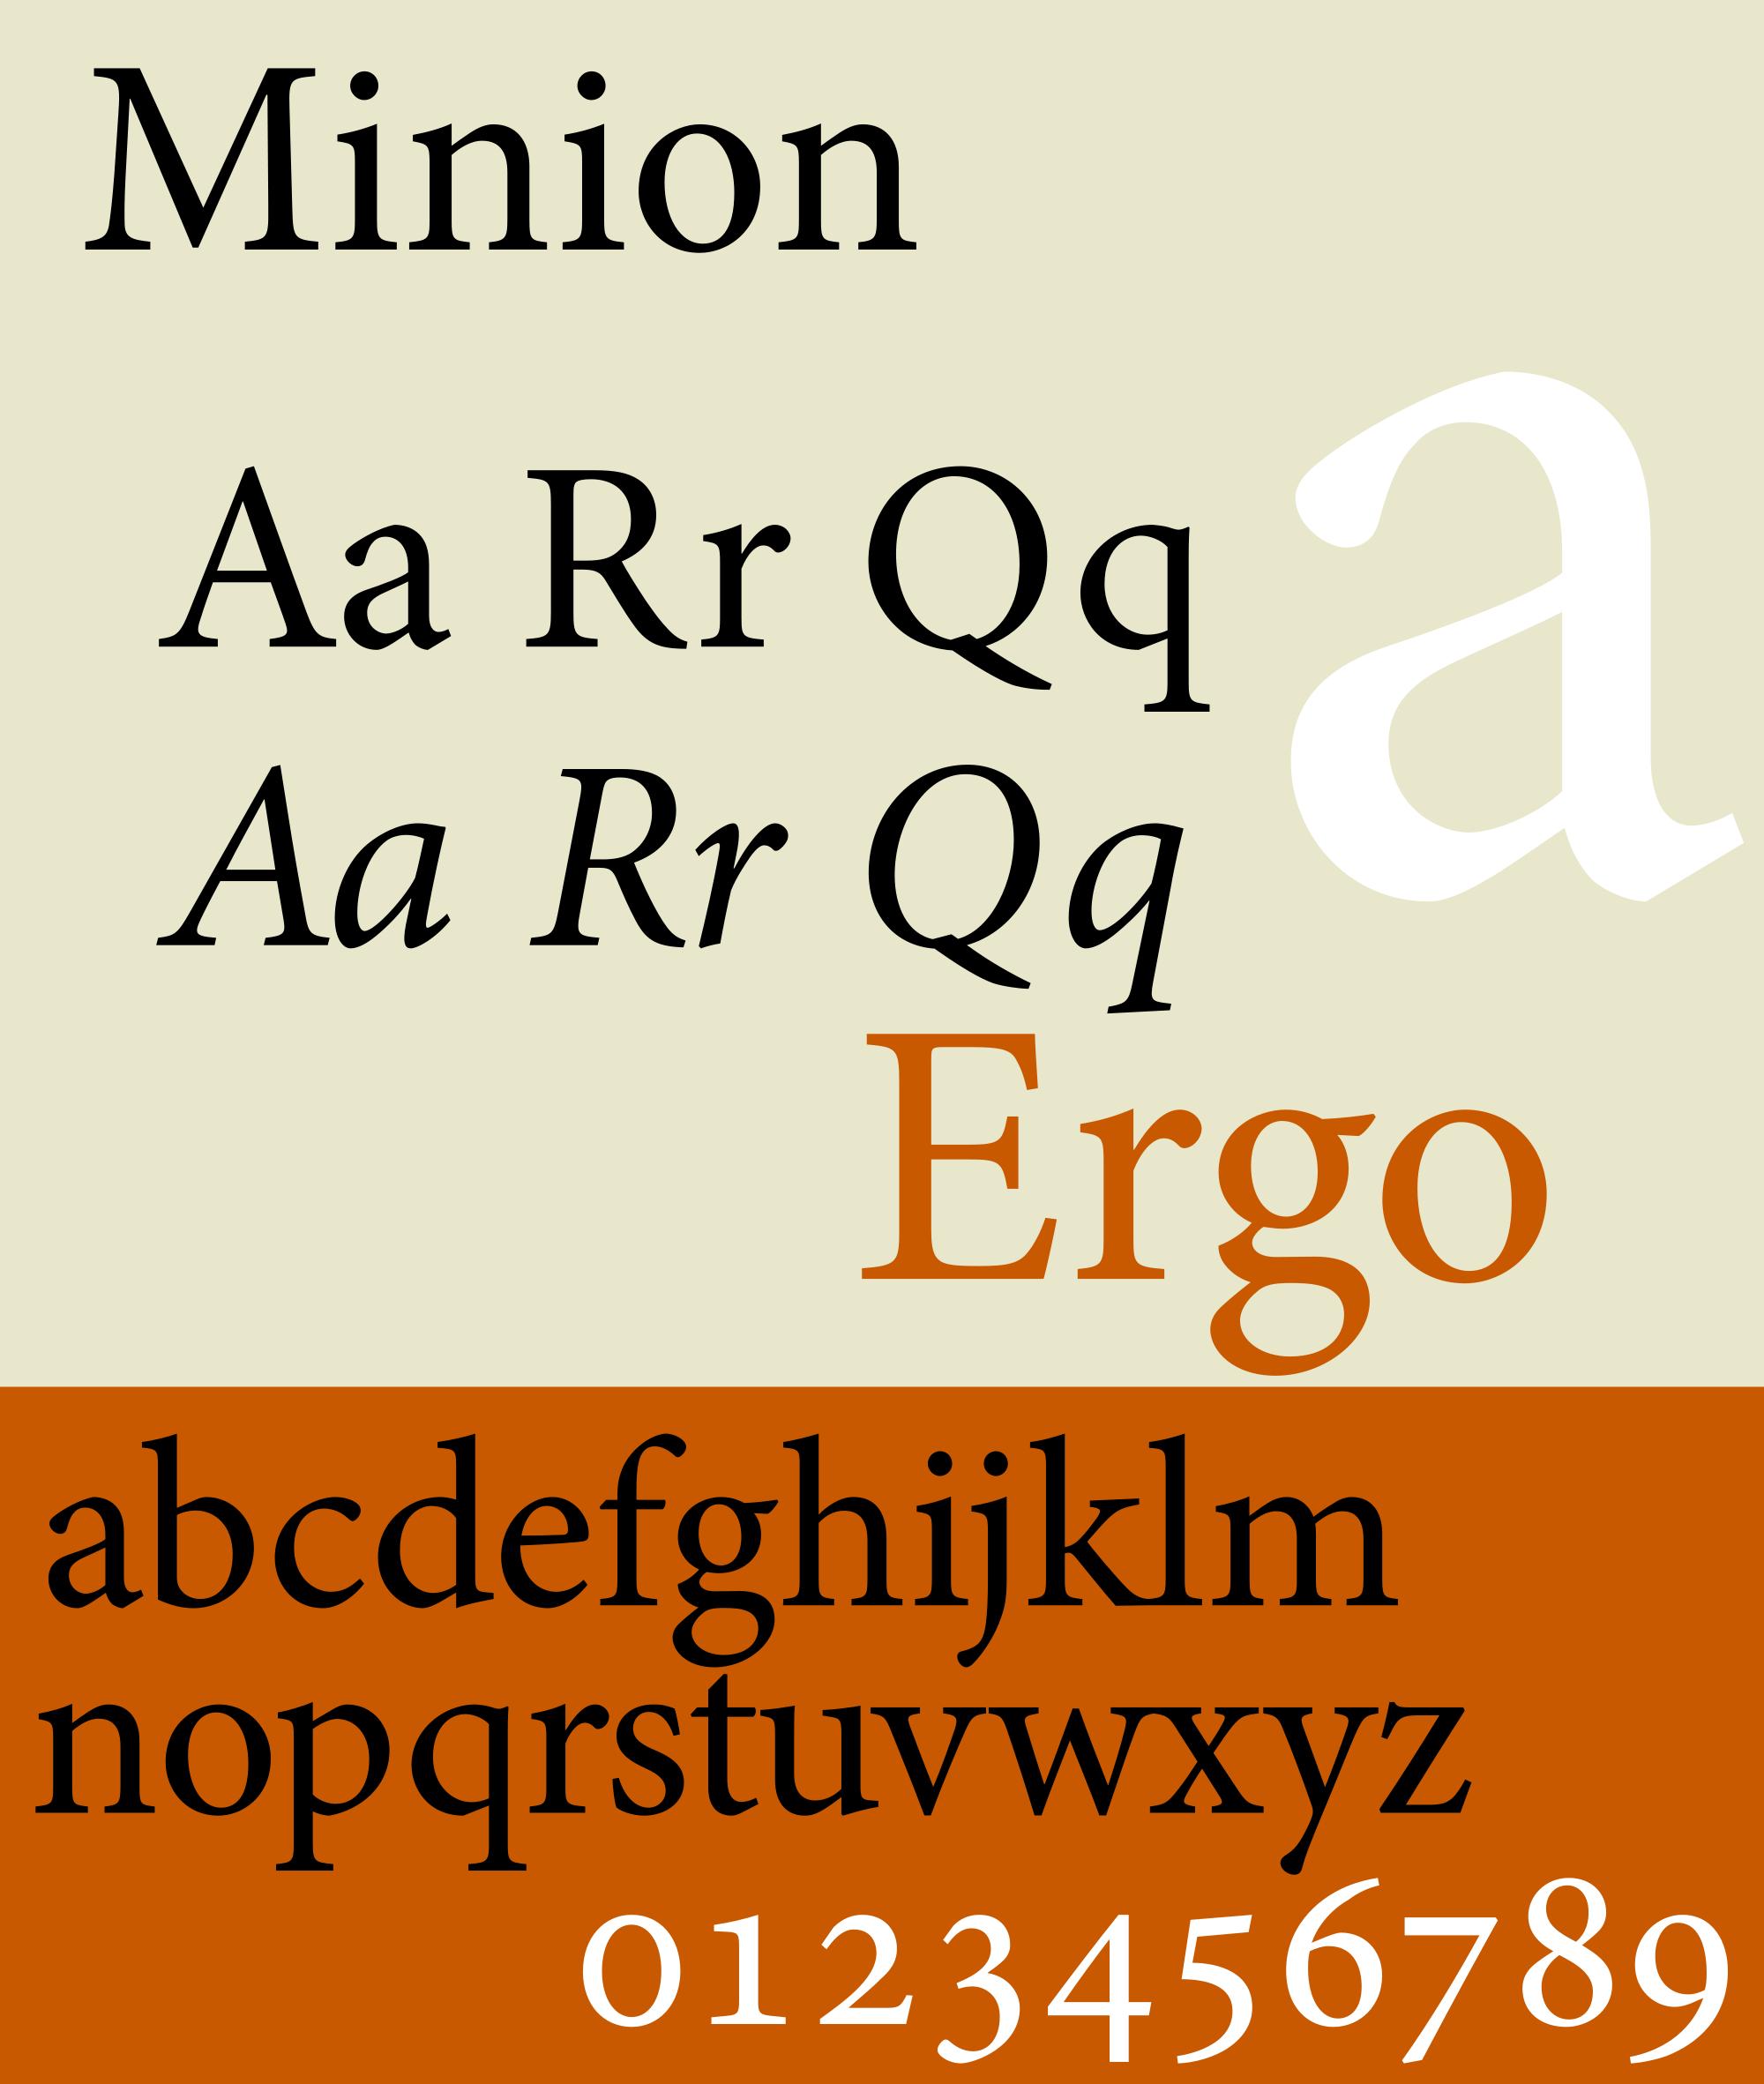 las tipografías más utilizadas en publicidad: Minion